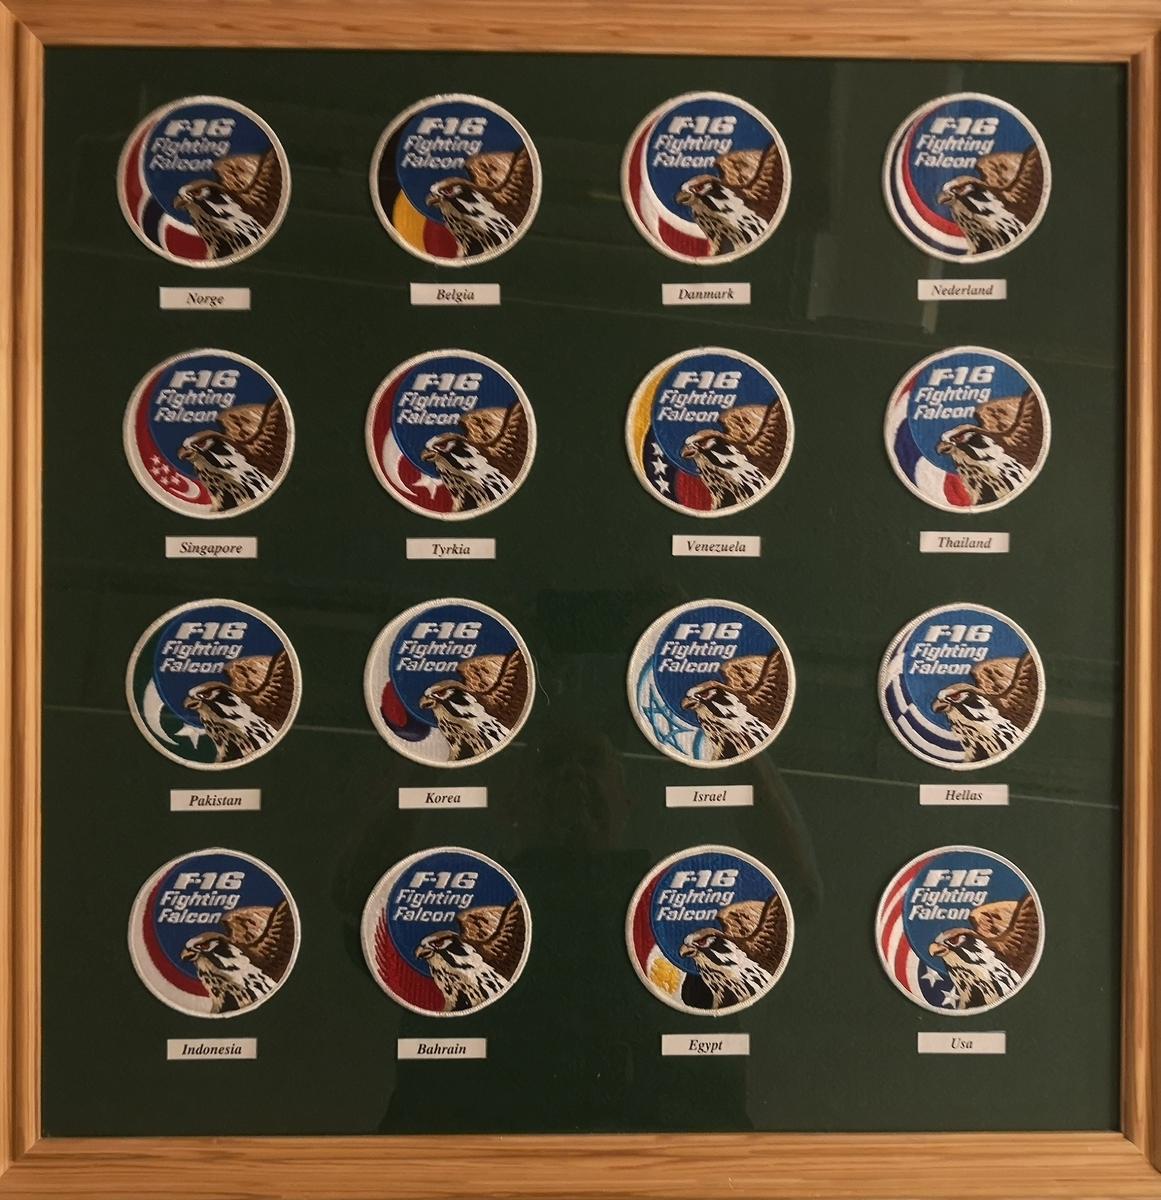 Billedramme med 16 patcher fra 16 forskjellige F-16 Fighting Falcon nasjoner.